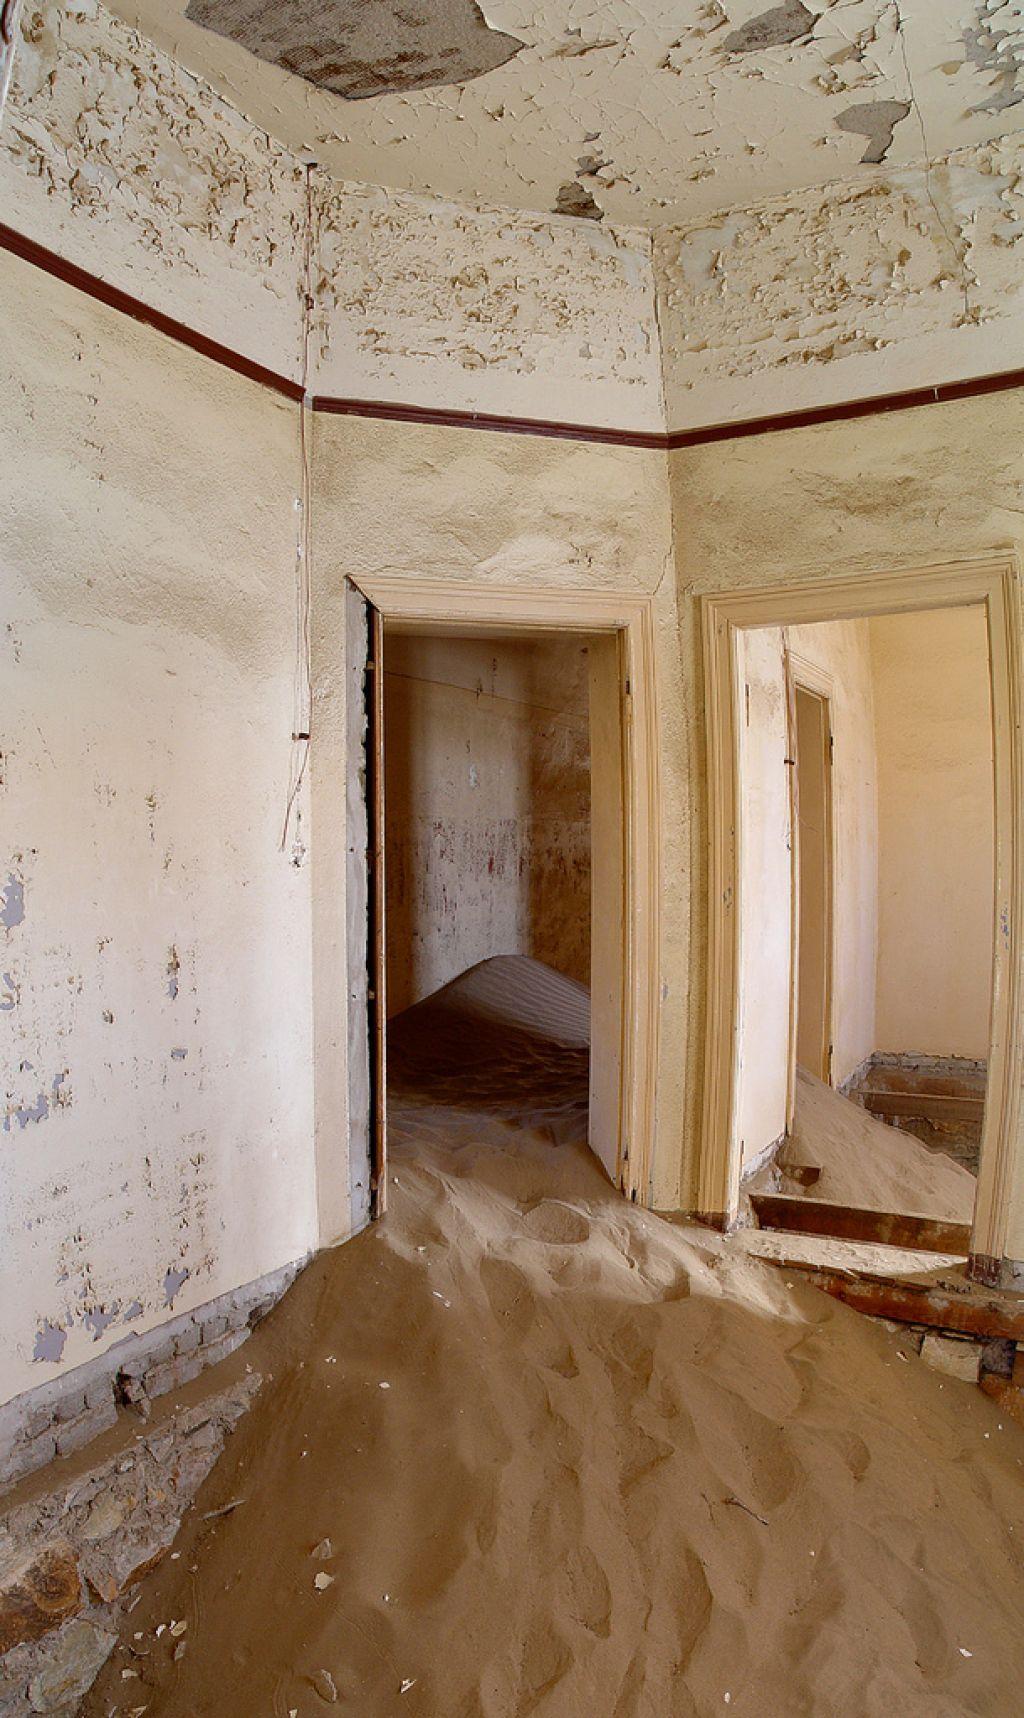 kolmanskop14 Abandoned Kolmanskop Ghost Town in Namibia